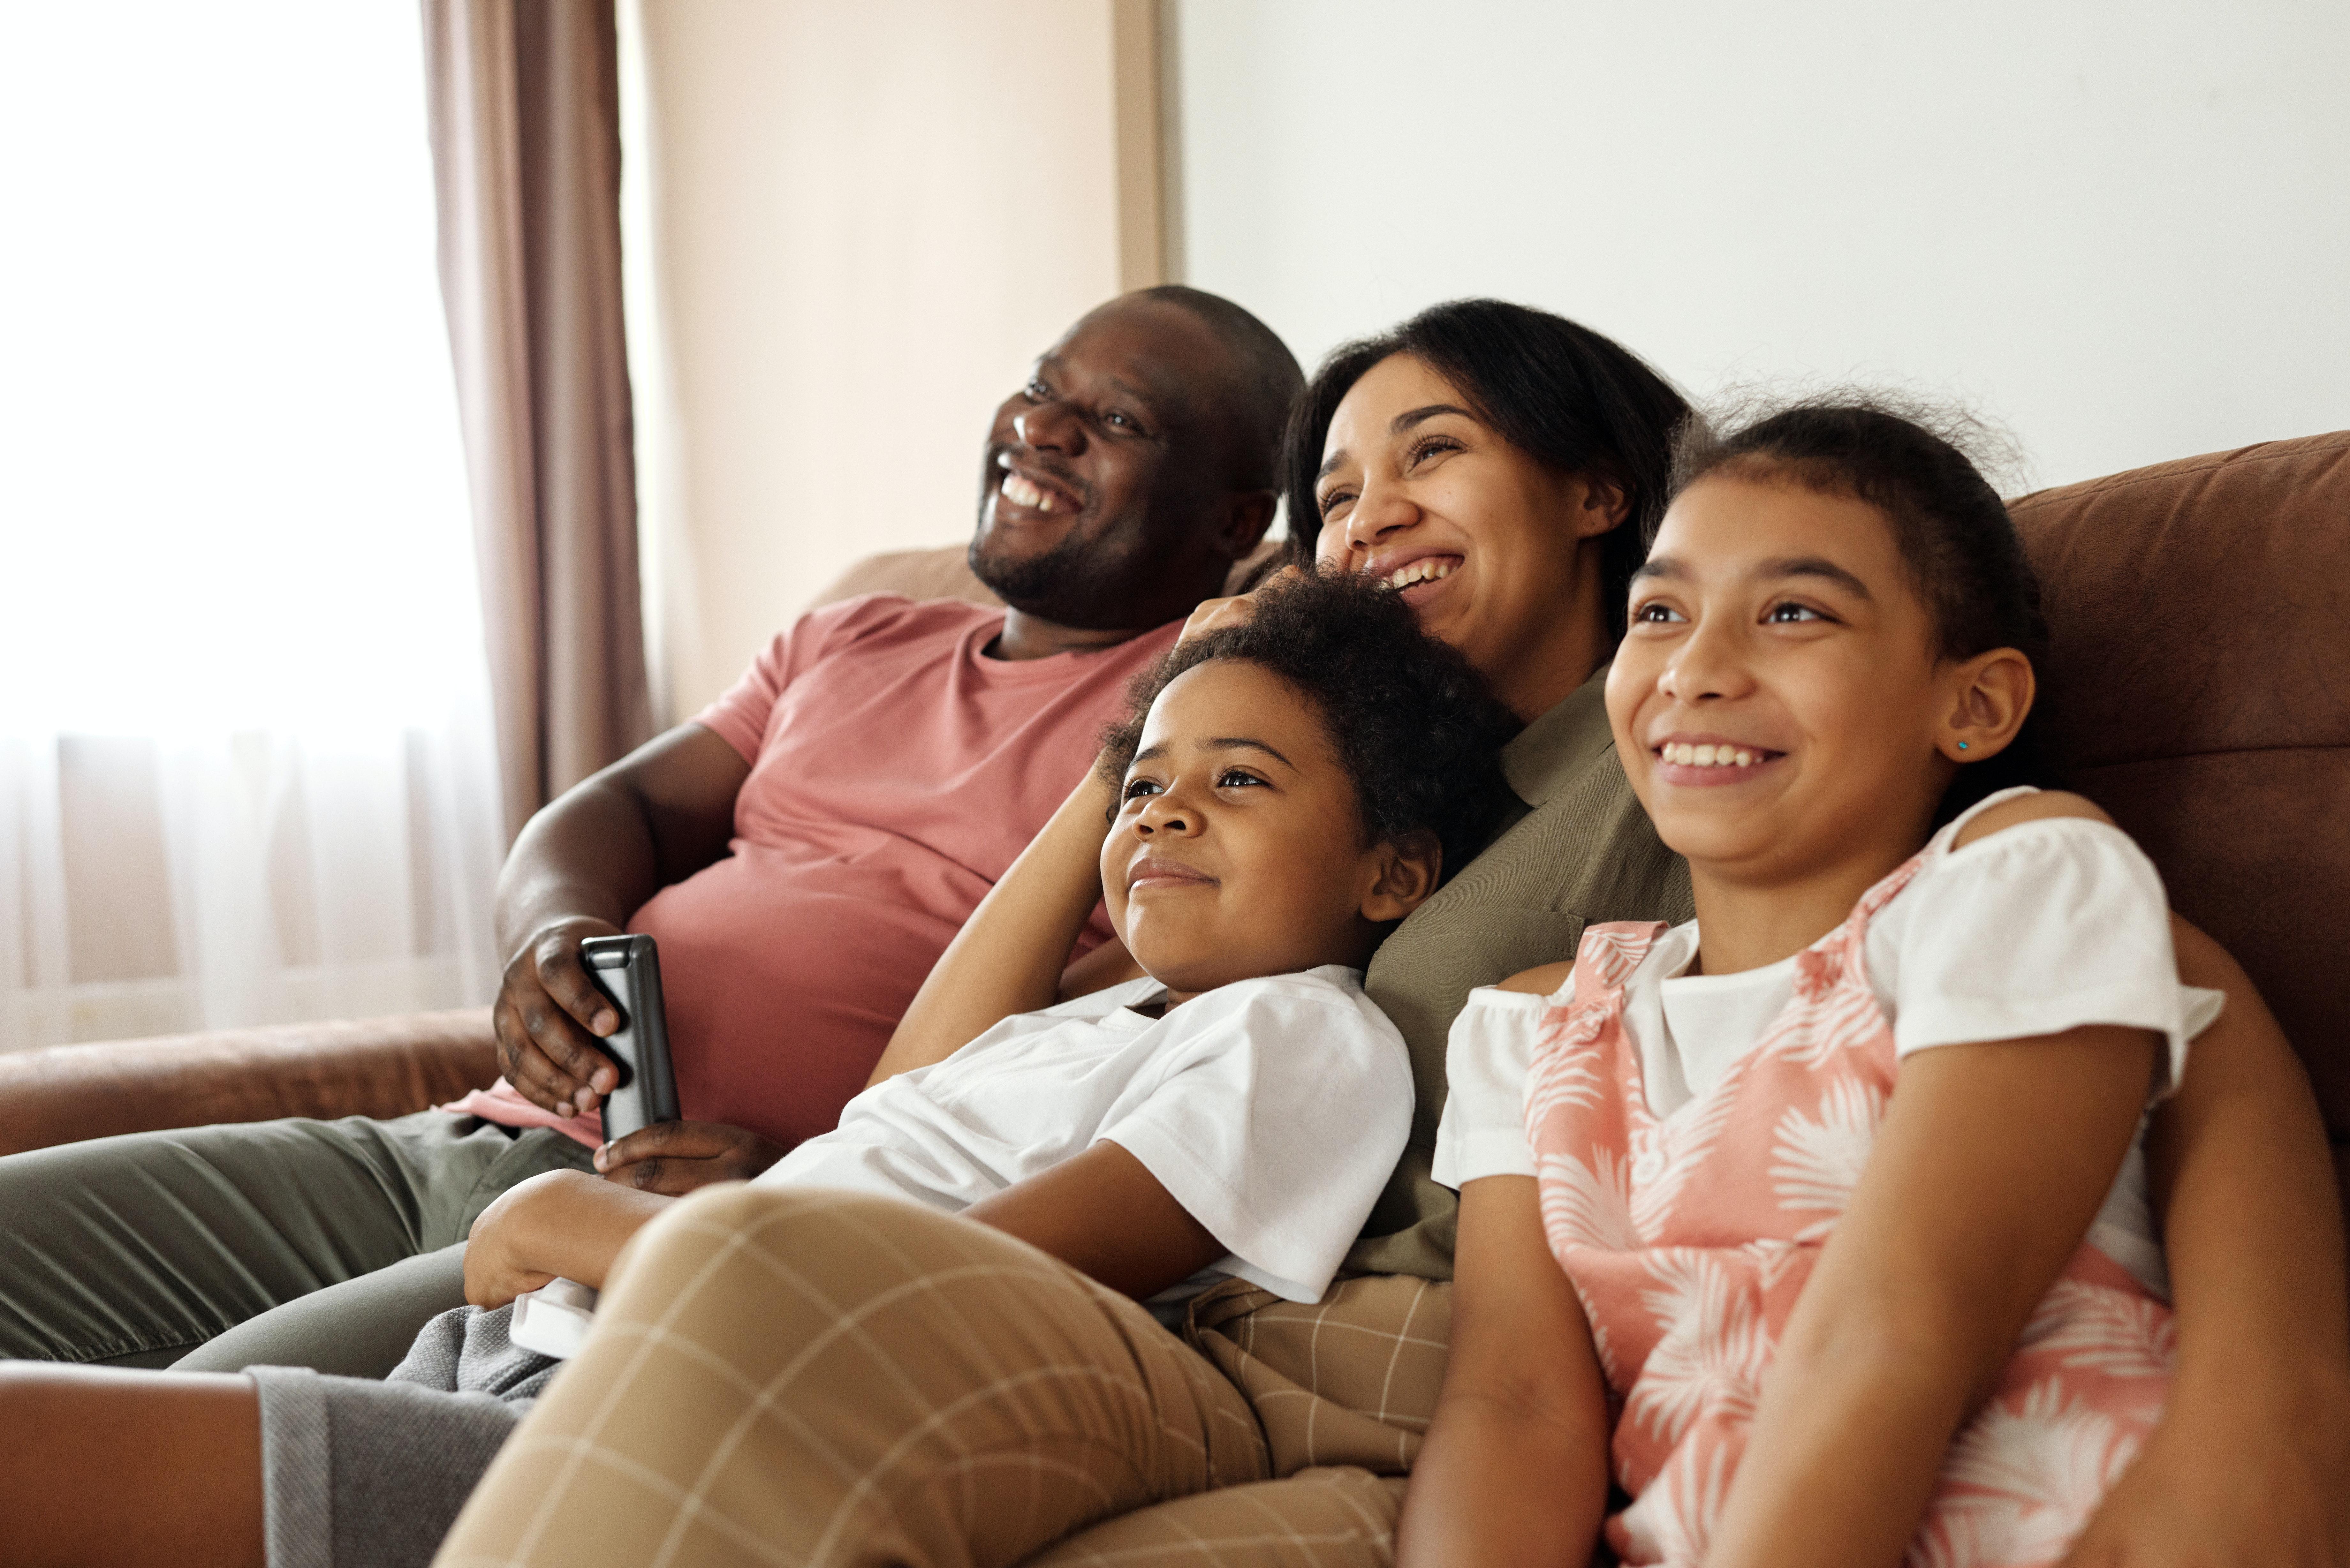 Kegiatan menonton film bersama keluarga